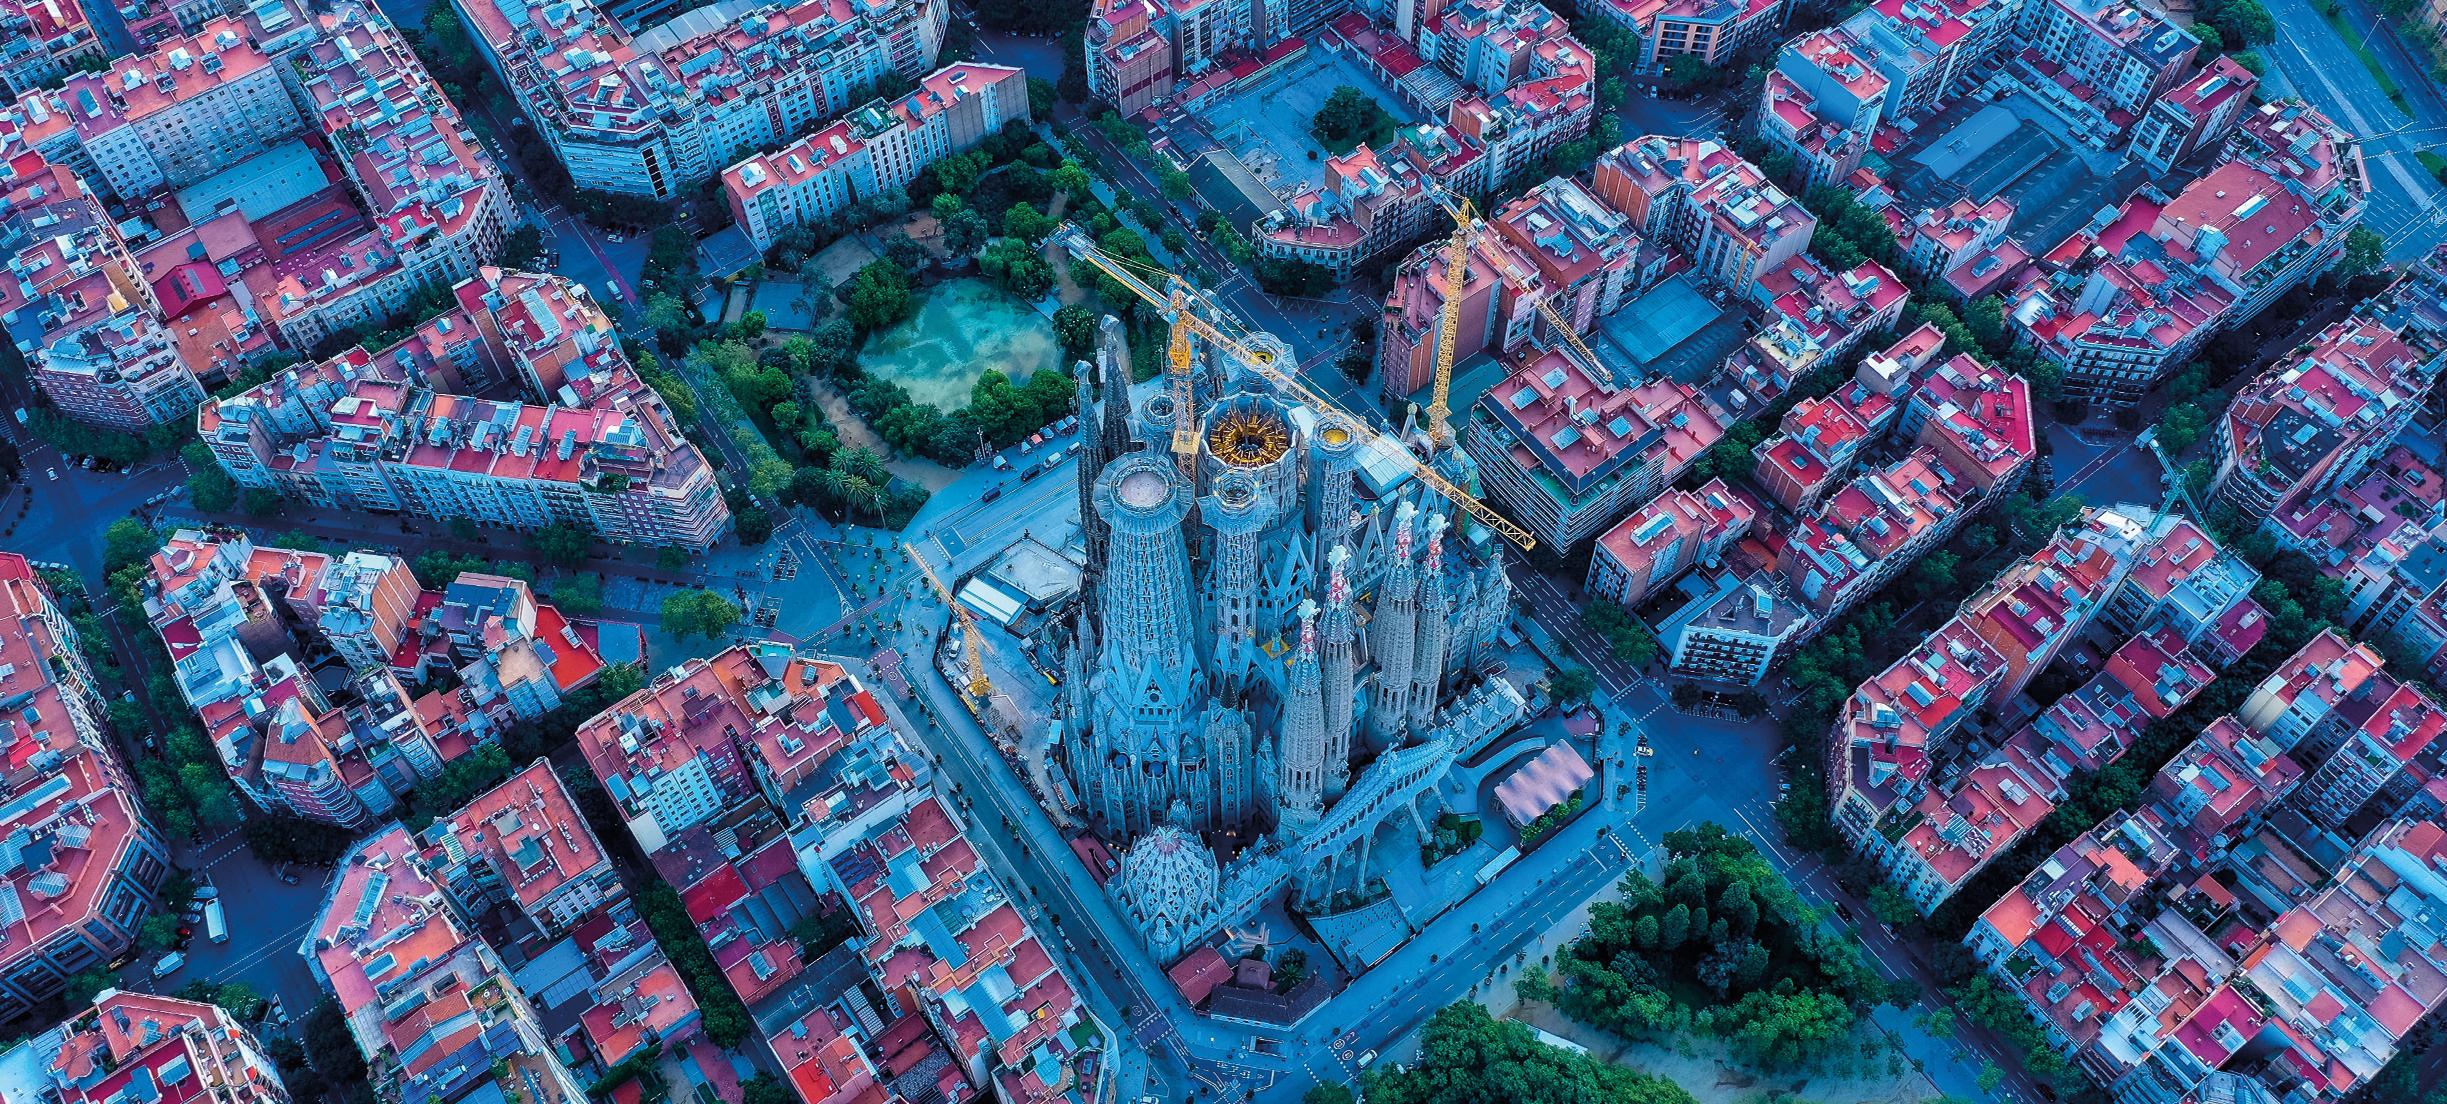 De dag in vooruitgang: Barcelona wordt wilder – en meer